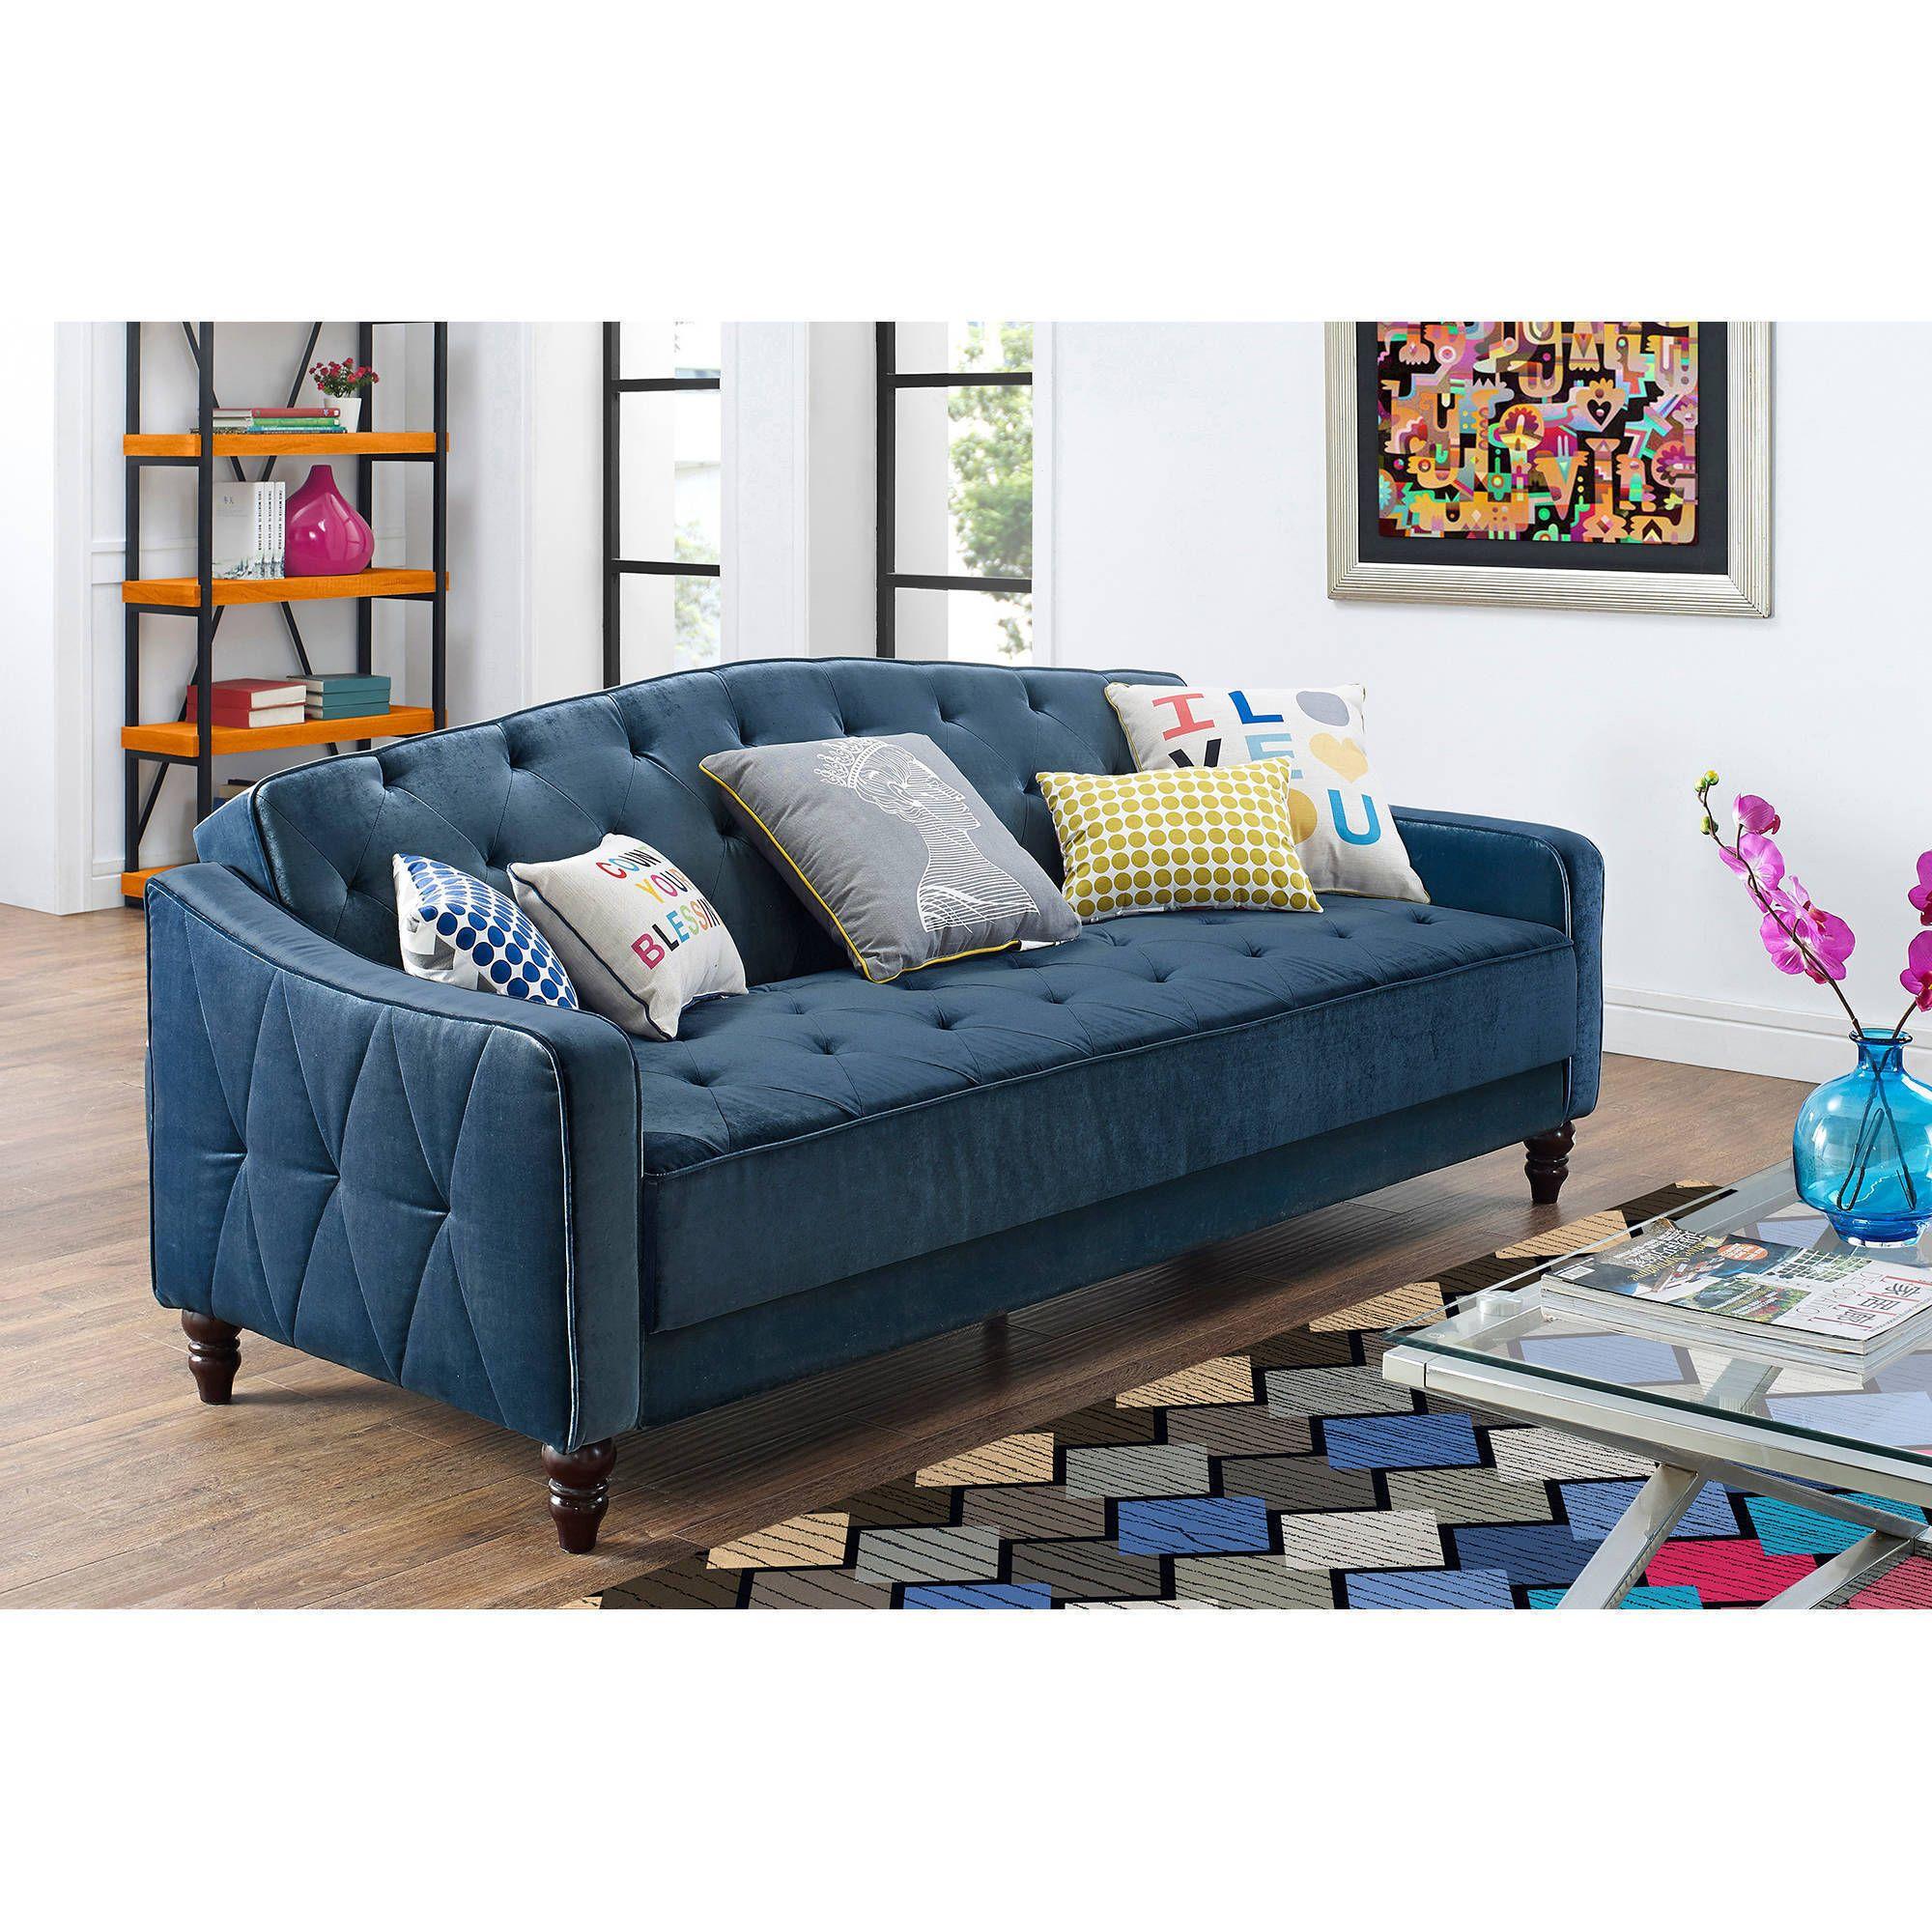 future house novogratz vintage tufted sofa sleeper ii multiple colors